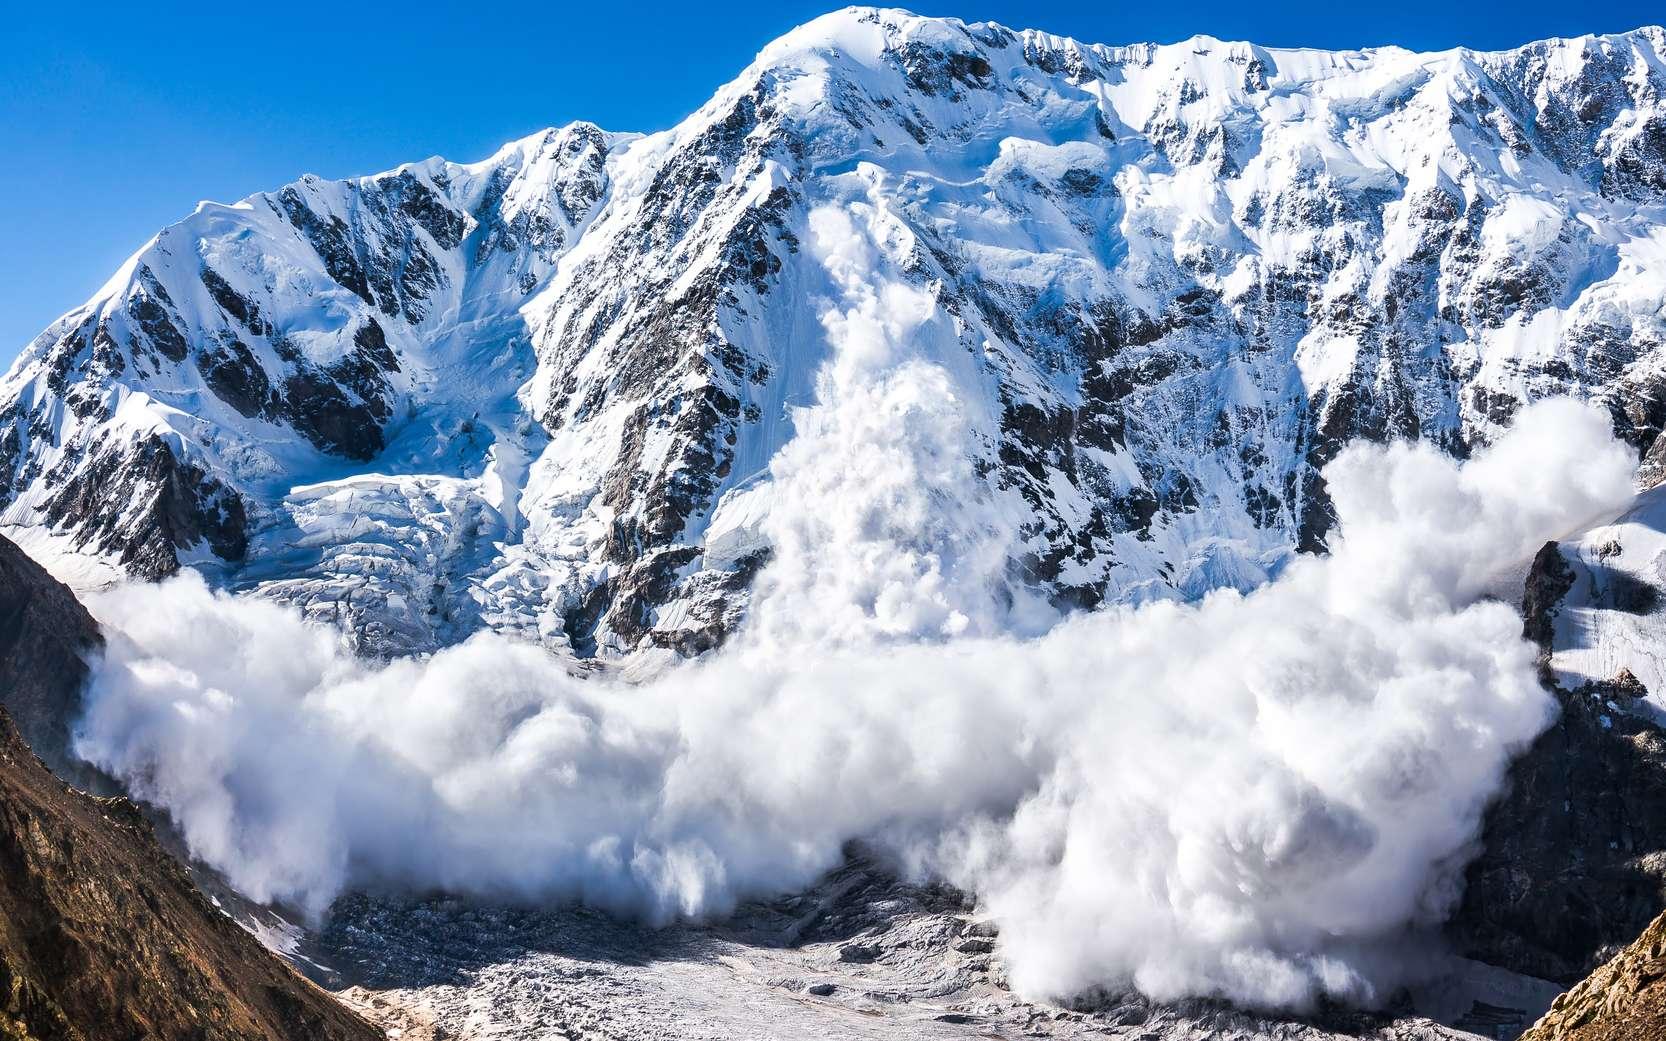 Une avalanche dans le Caucase. Un tel écroulement peut être déclenché par une surcharge de skieurs. © cm, Fololia